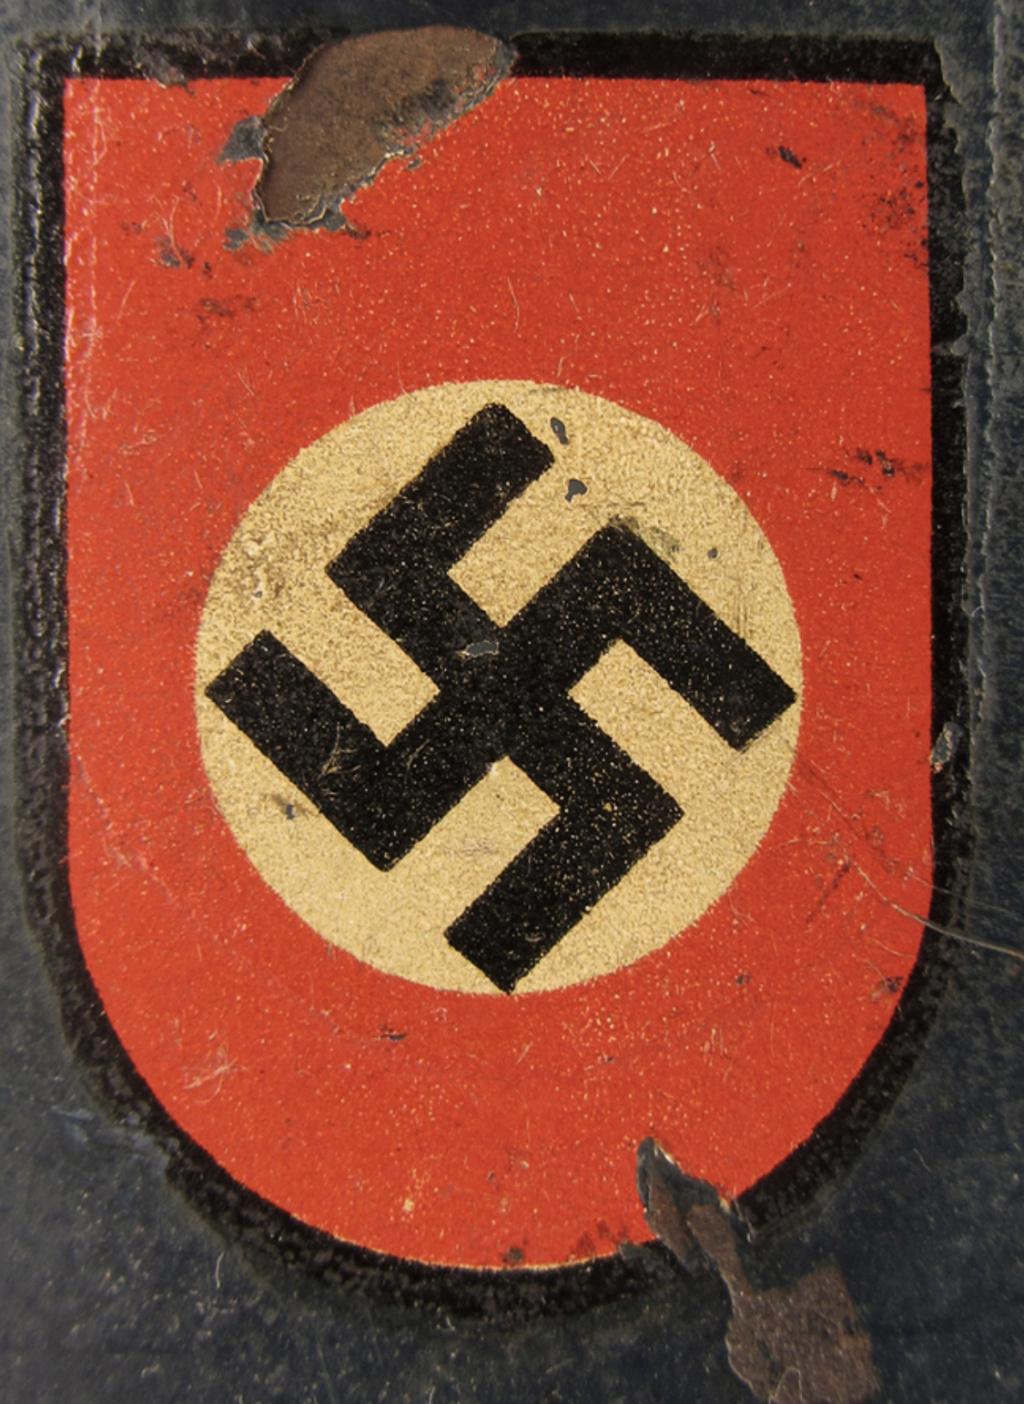 casque allemand Reichbahn Polizei - Page 2 3711ce10